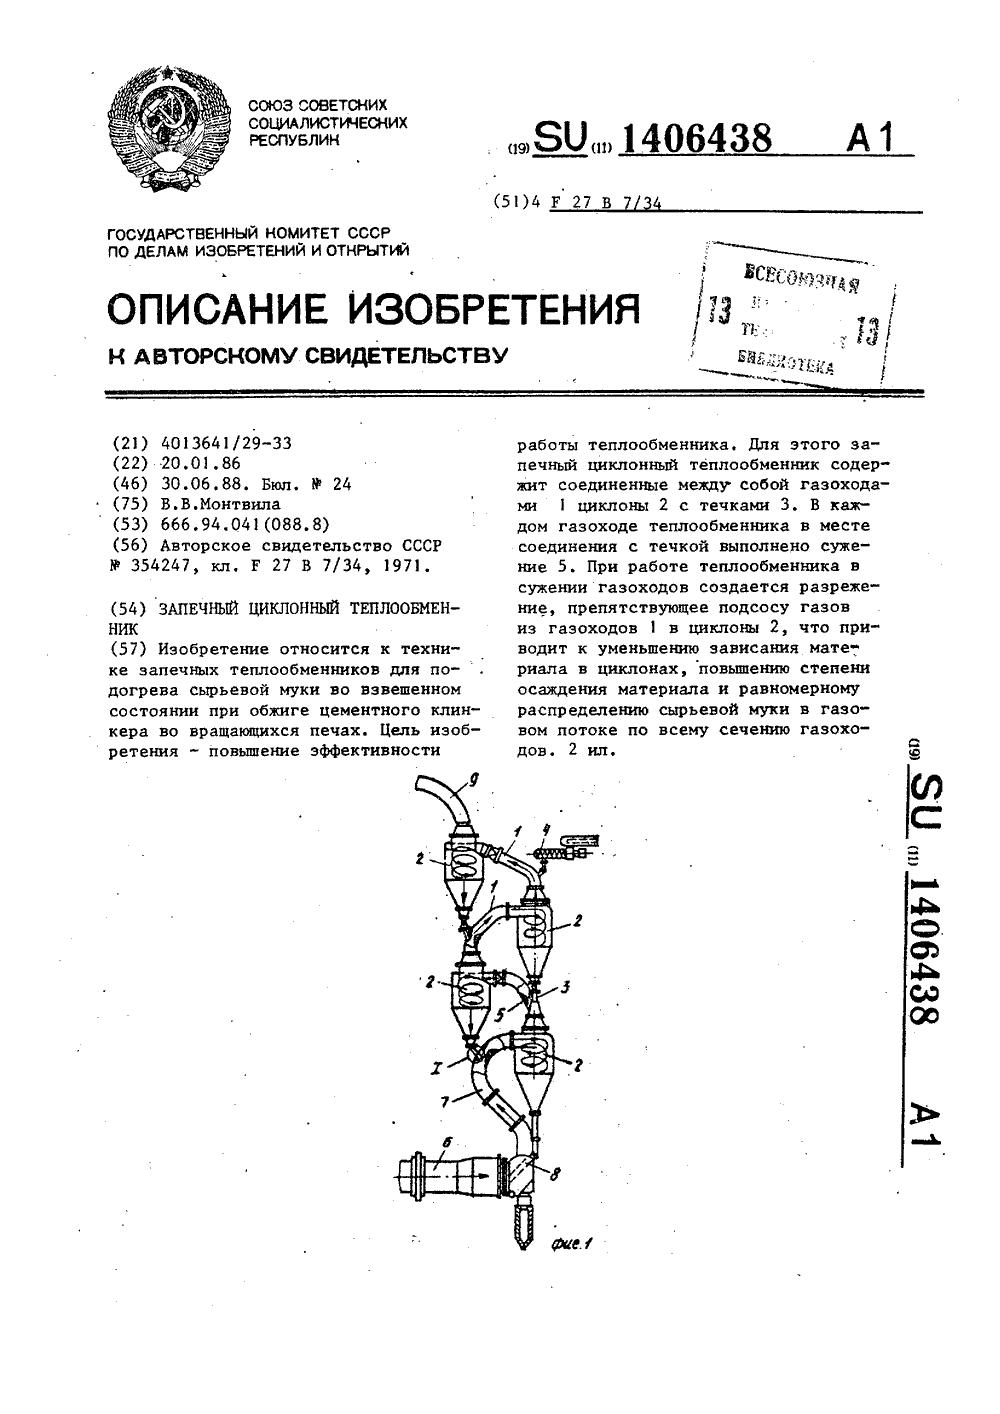 Причины образования зависаний в циклонных теплообменниках воздушно воздушный теплообменник